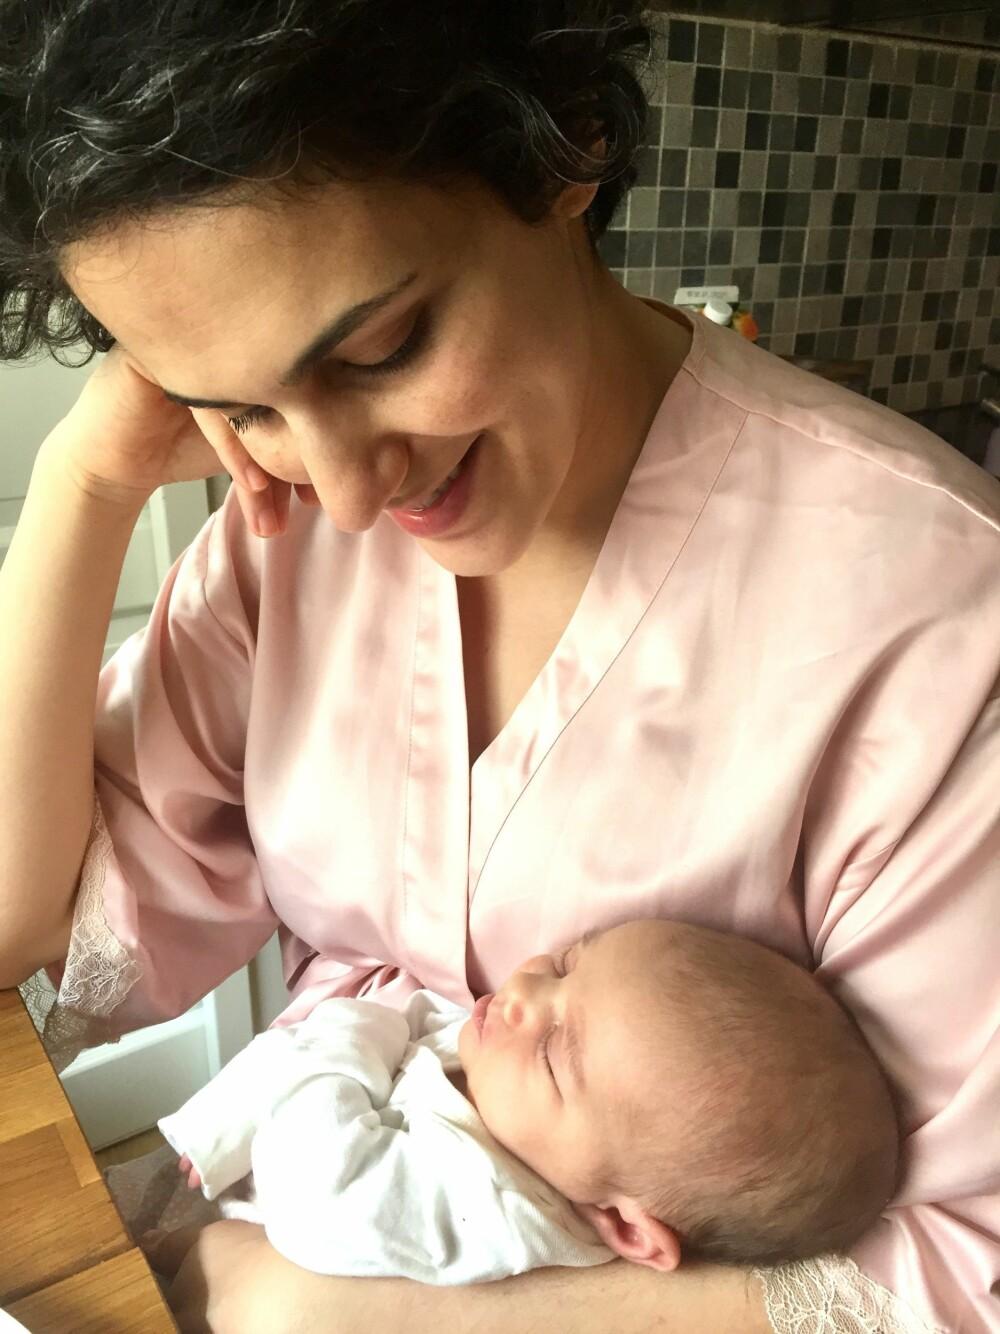 <b>NYTT LIV:</b> Soulmaz kjente på et stort savn etter moren sin da hun fødte barnet sitt i Norge. I Iran er familien tett på den første tiden etter fødselen.